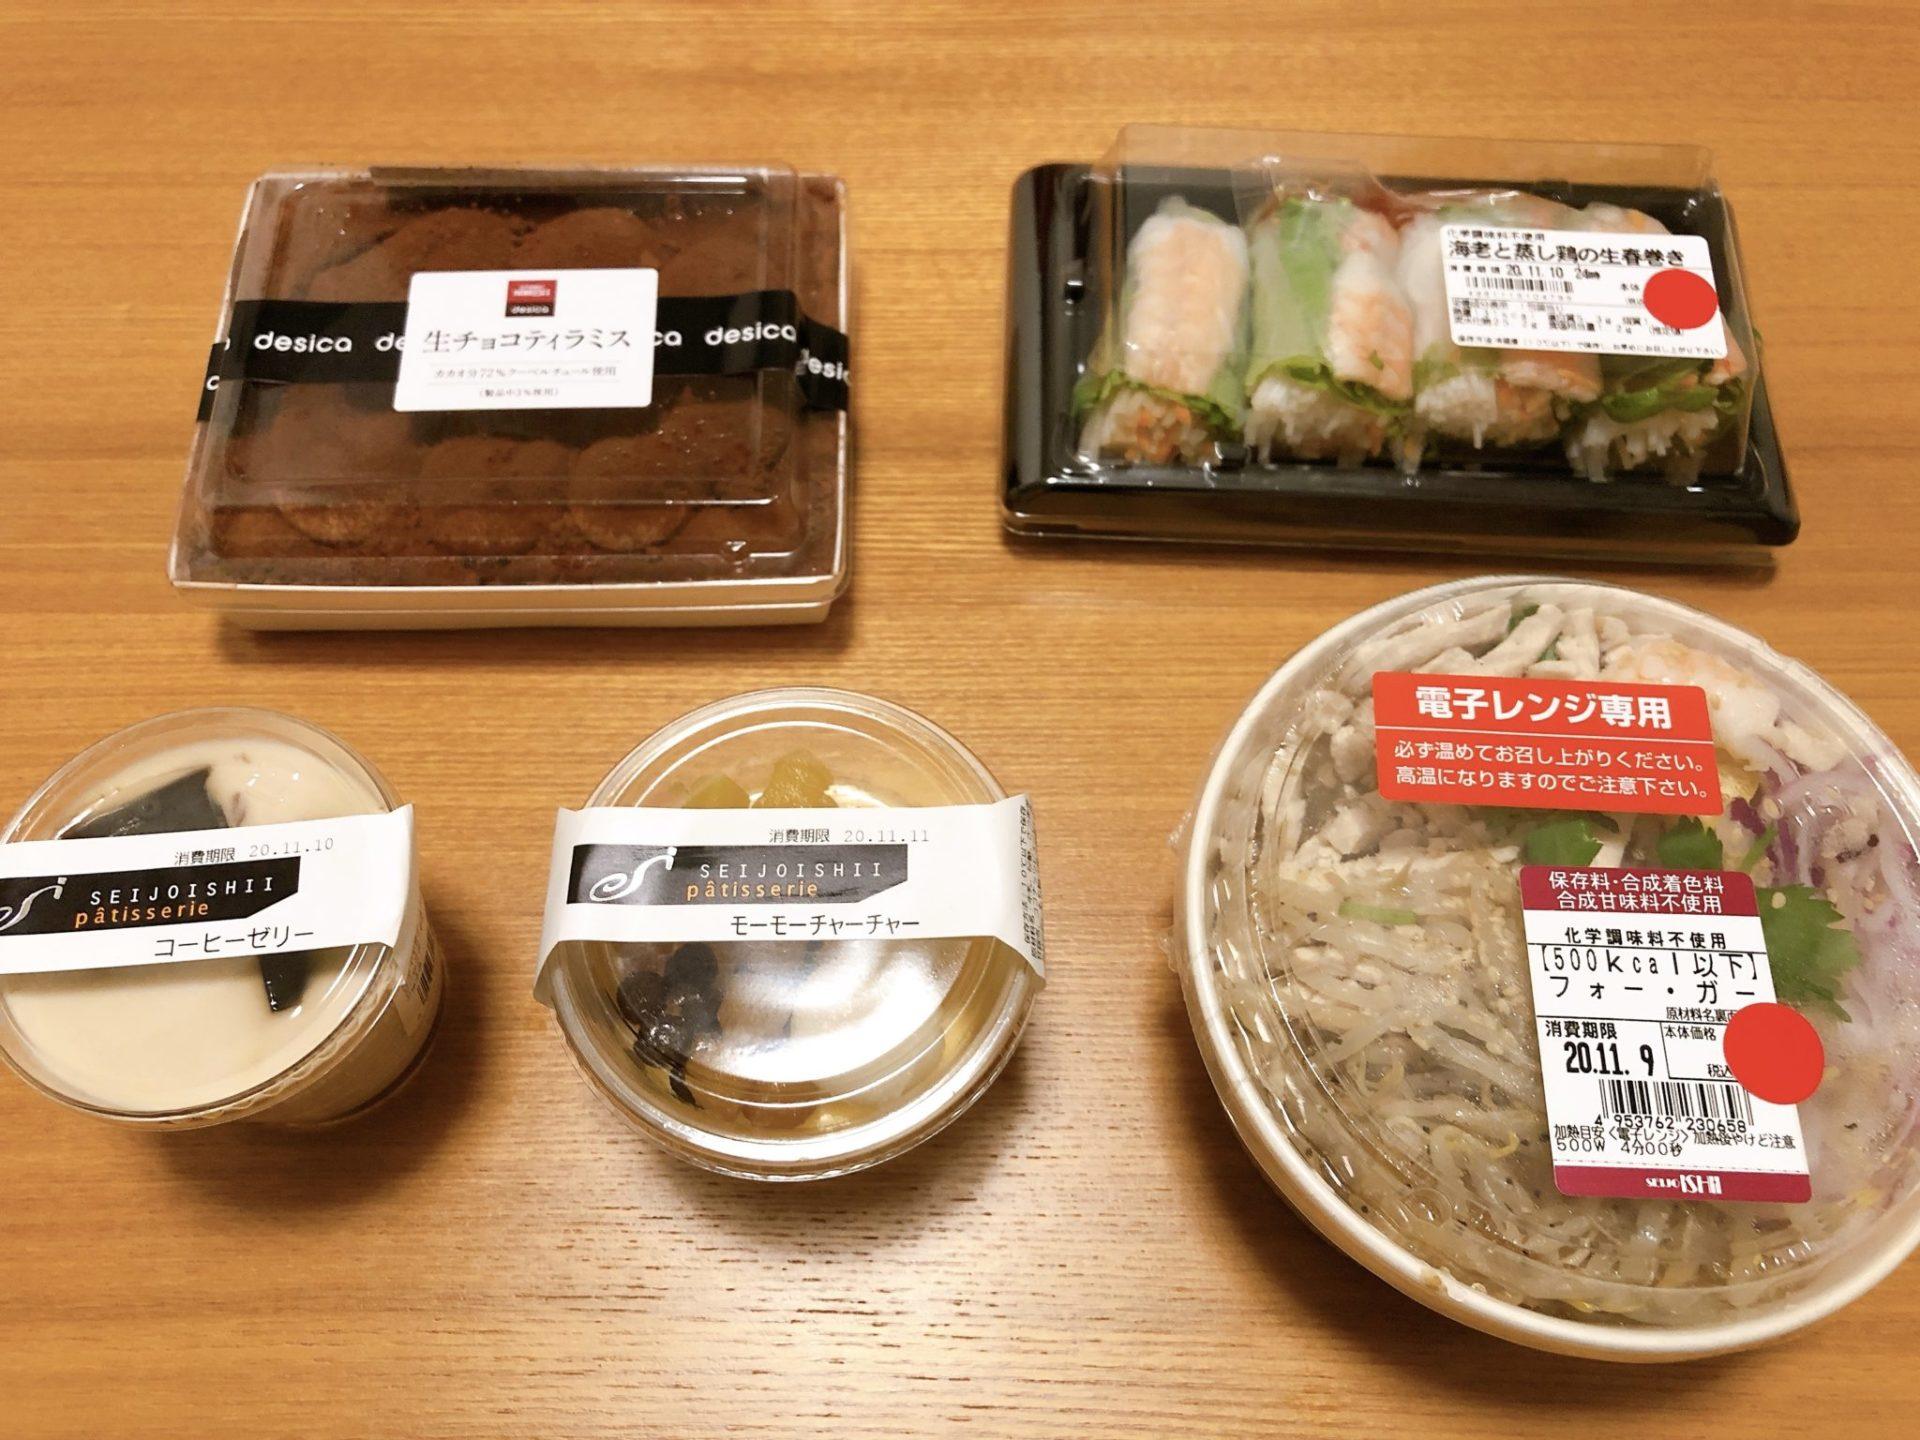 成城石井をUber Eats(ウーバーイーツ)でデリバリー